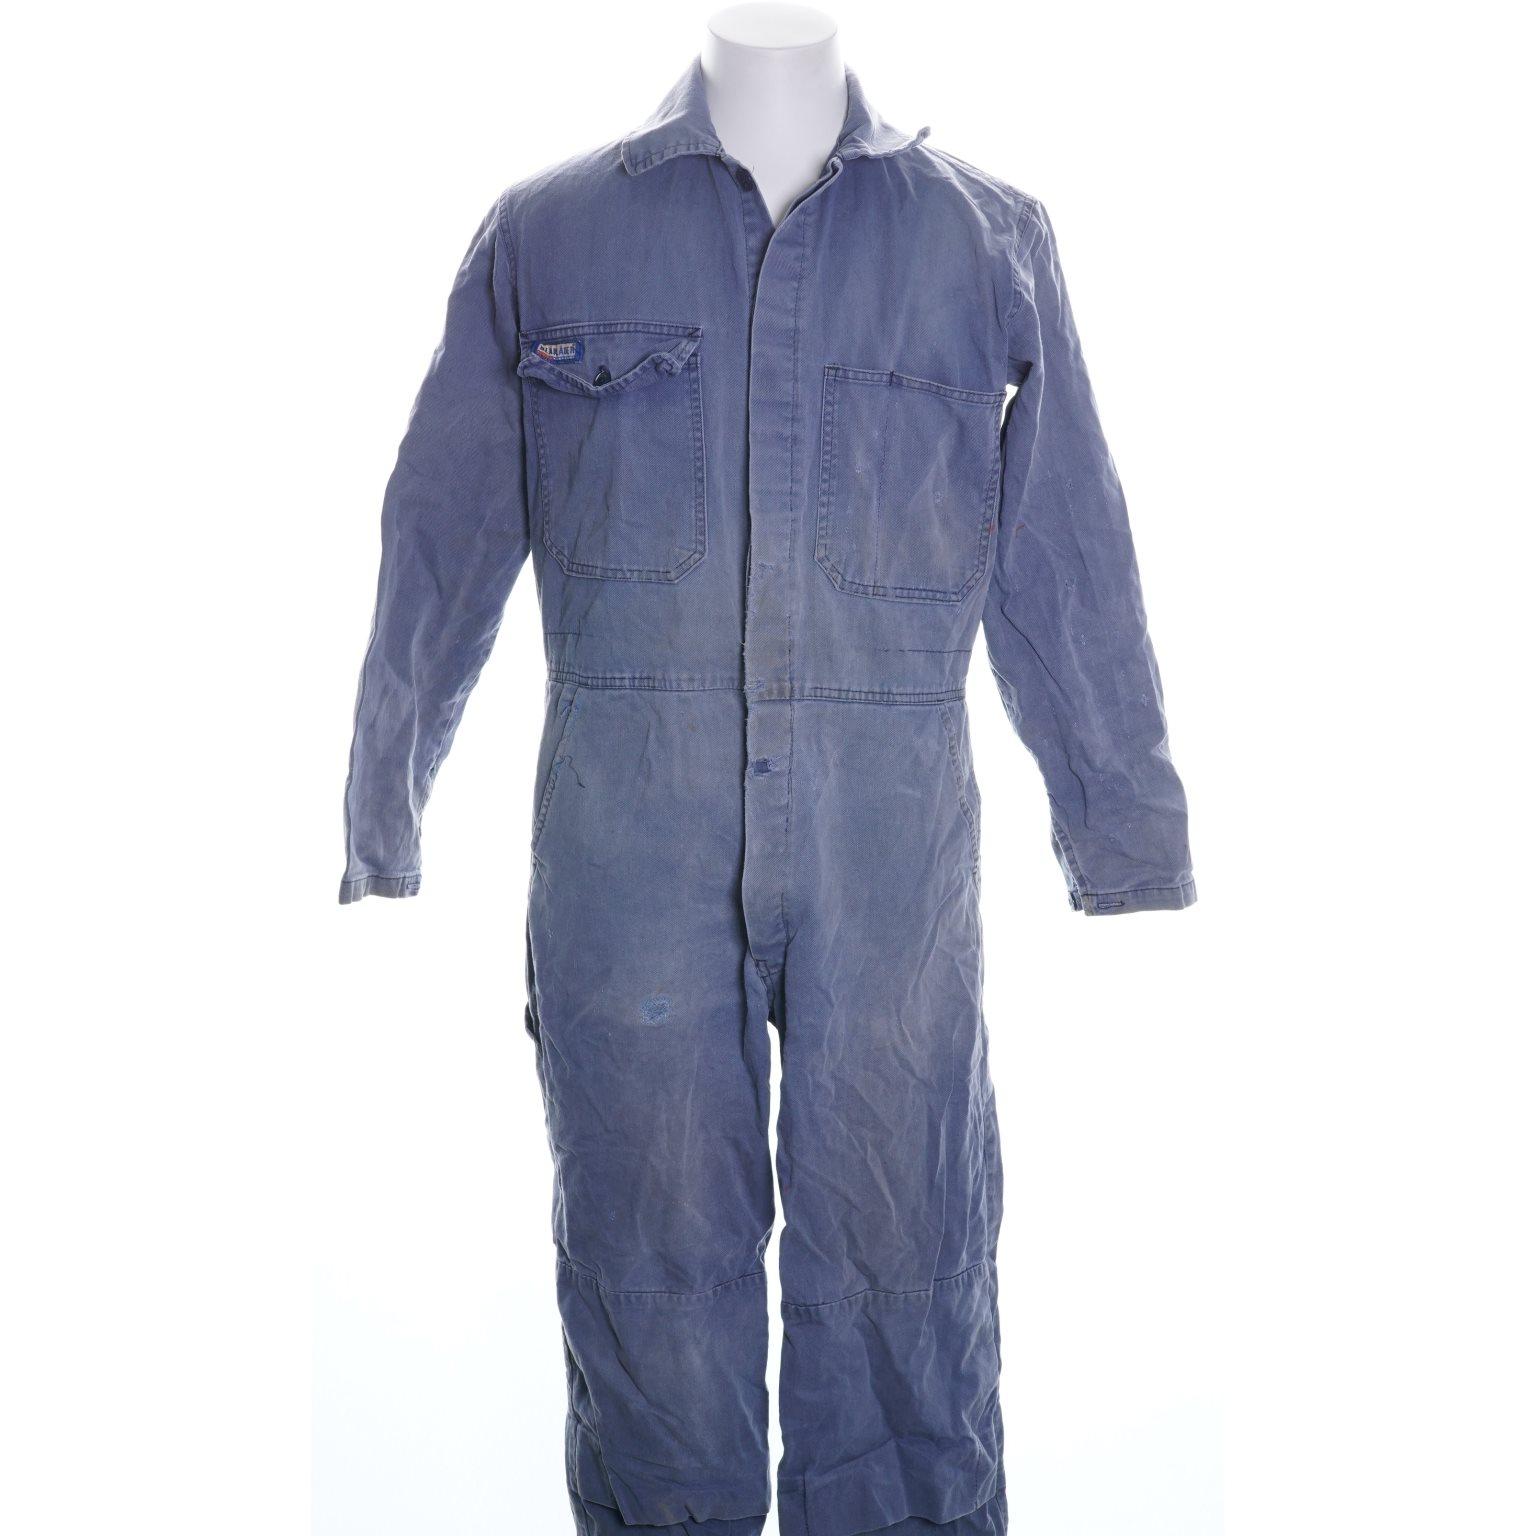 Sensationelle Blåkläder, Overall, Strl: C 48, Blå, Bomull (338568802) ᐈ Sellpy EH11